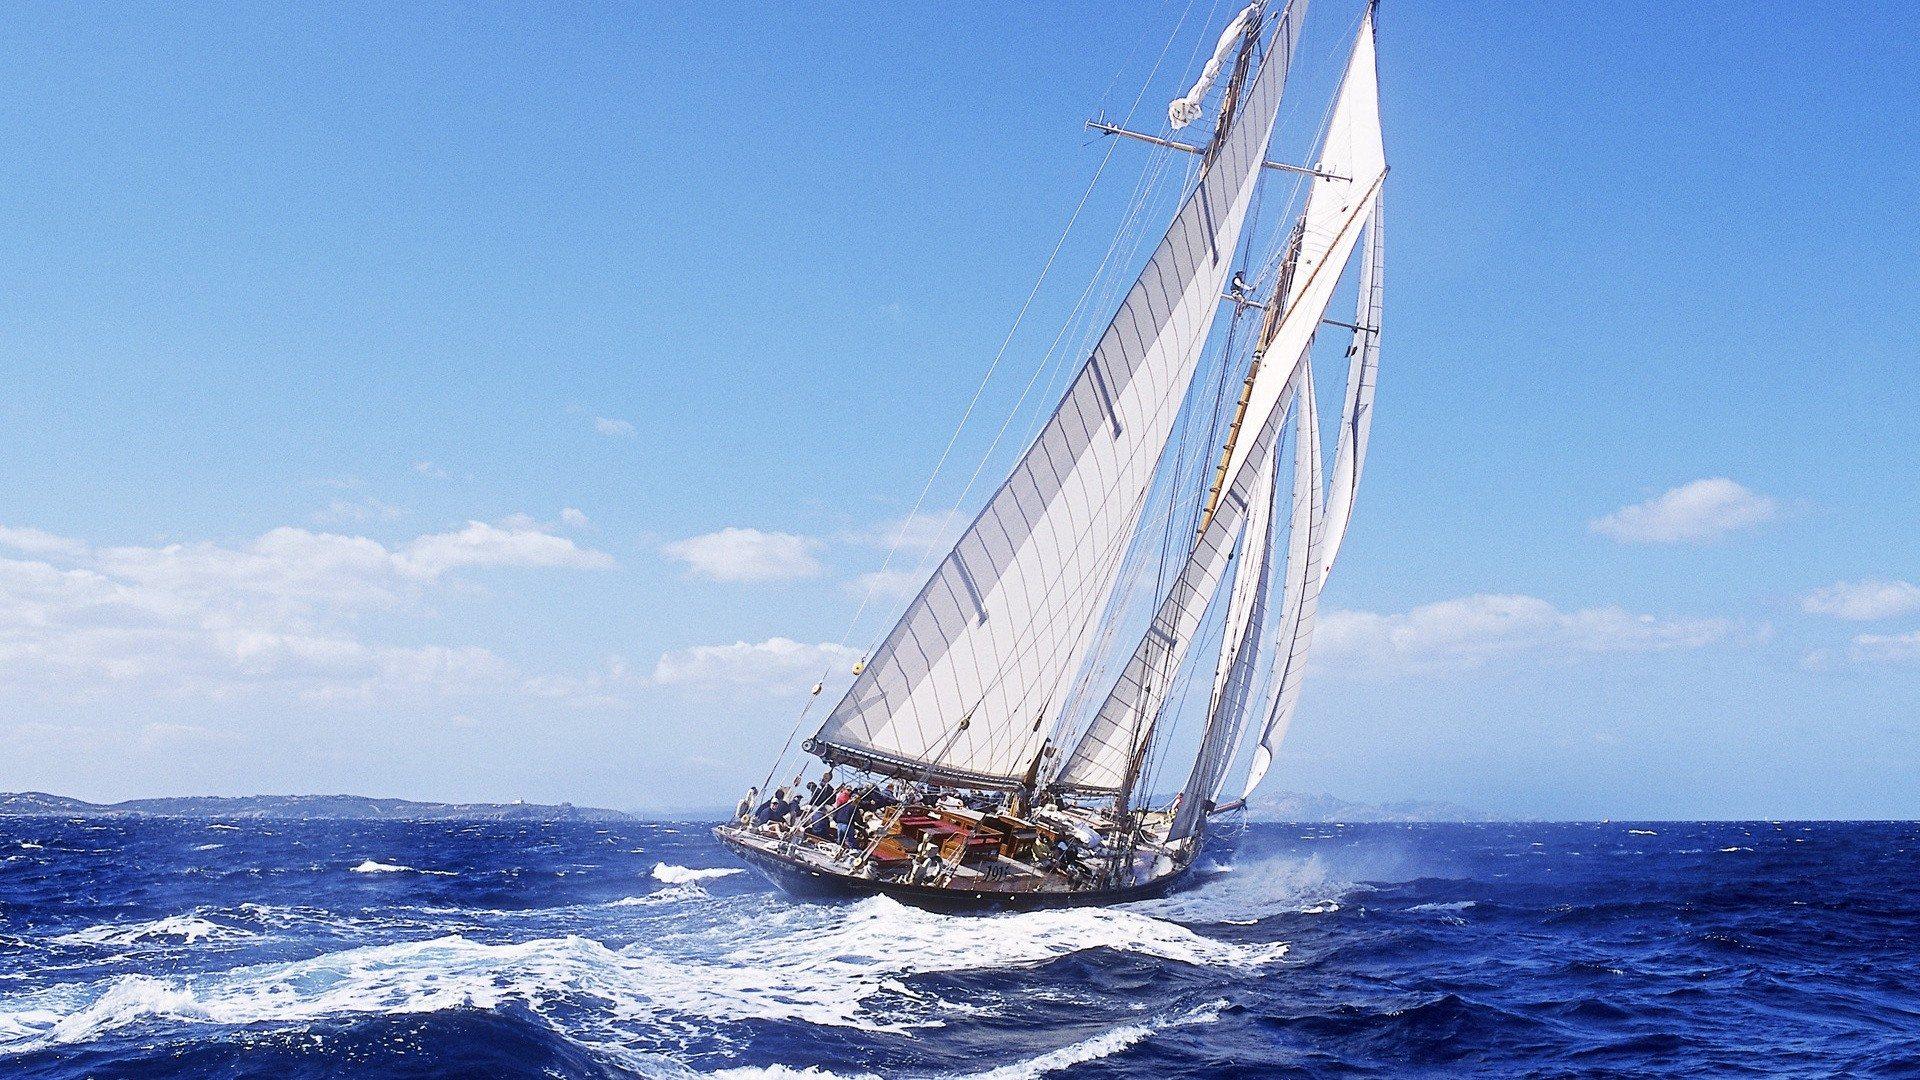 Trans Atlantic Sailboat Race 1920x1080 Full HD    Free HD Wallpaper